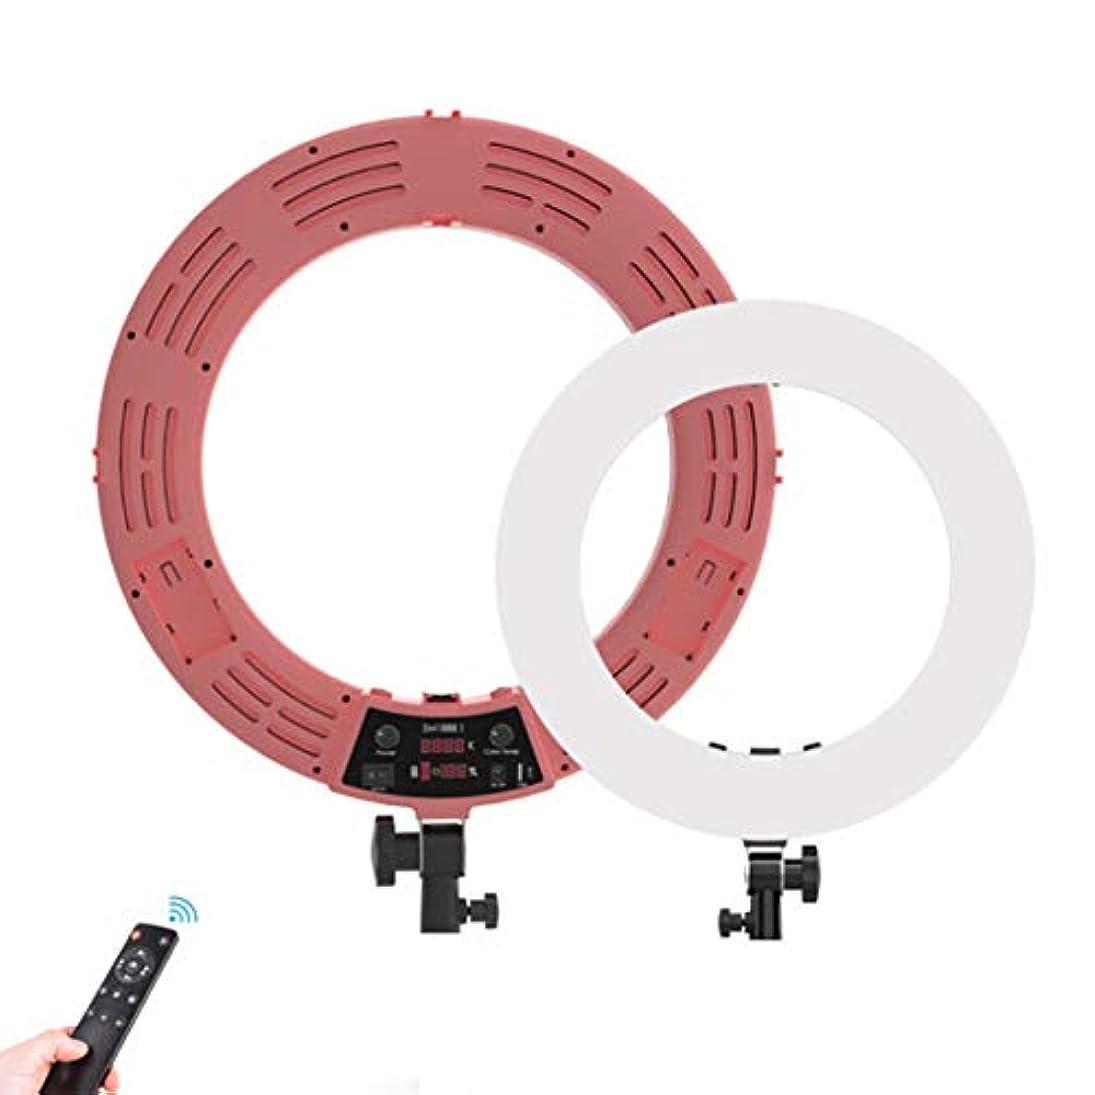 シュート紀元前人気CGBF-LEDリングライト自分撮りリングライト18インチデスクメイク動画、メイク、YouTubeのライブストリーミングのための調光3色のライトでライトとの約束,ピンク